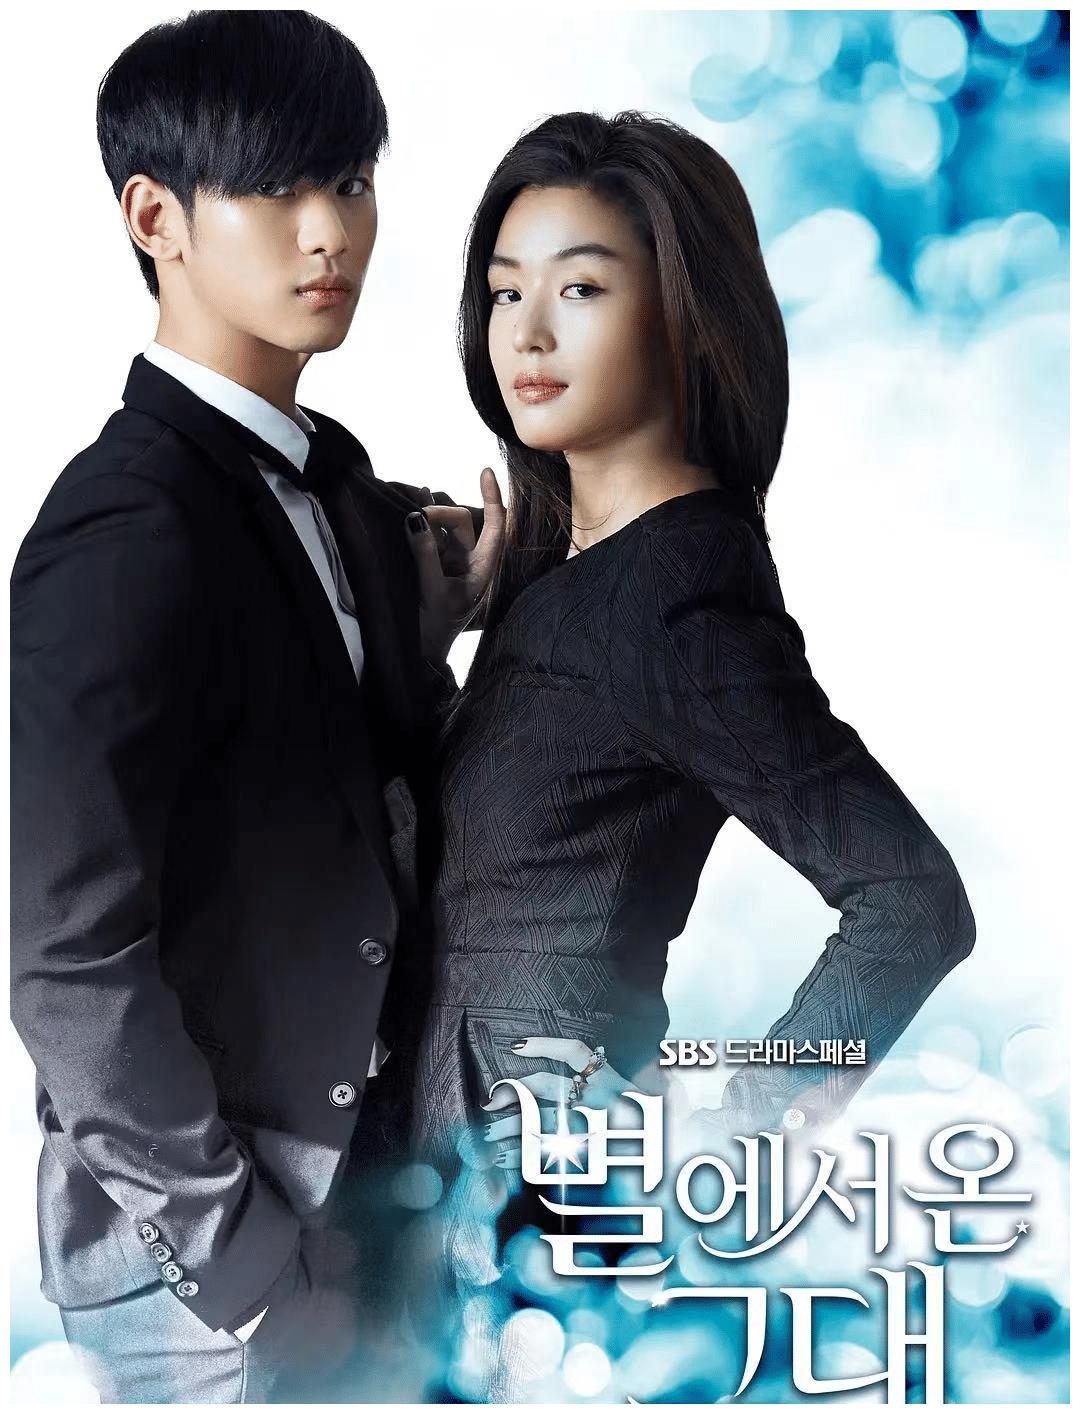 《棋魂》后,又一部8.8分韩国电影被翻拍,看到阵容后:别毁经典